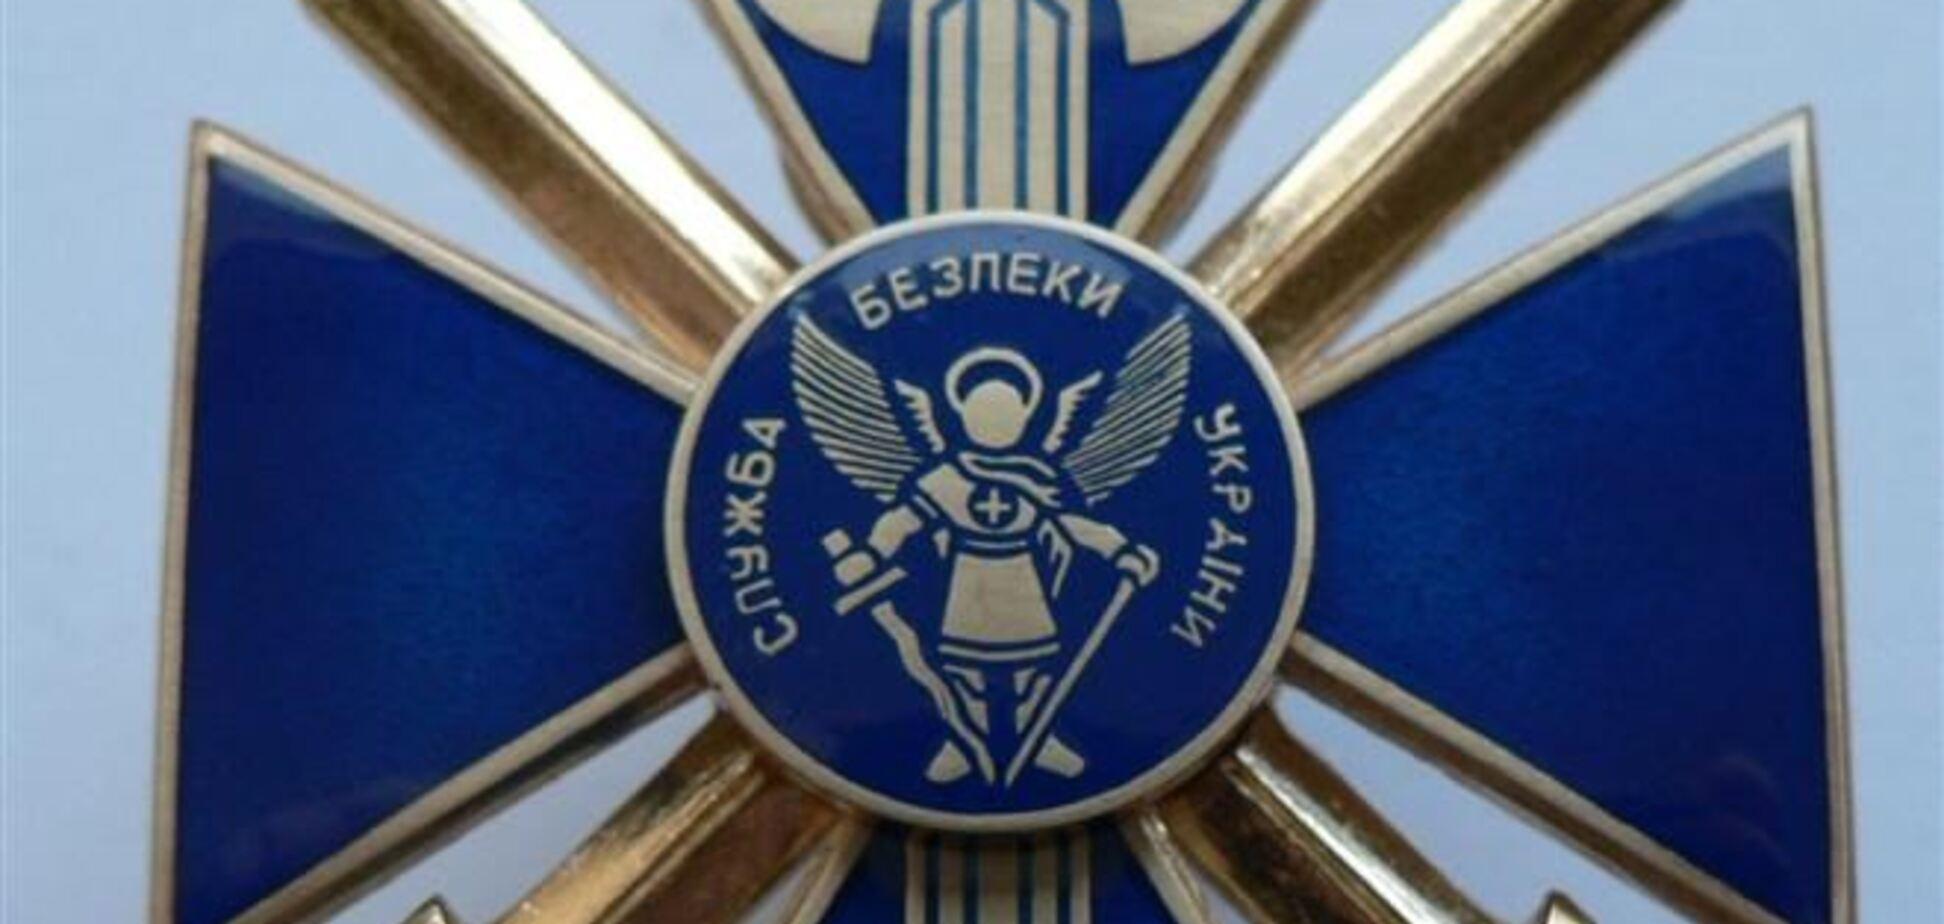 СБУ еще не установила подозреваемых в 'захвате государственной власти'